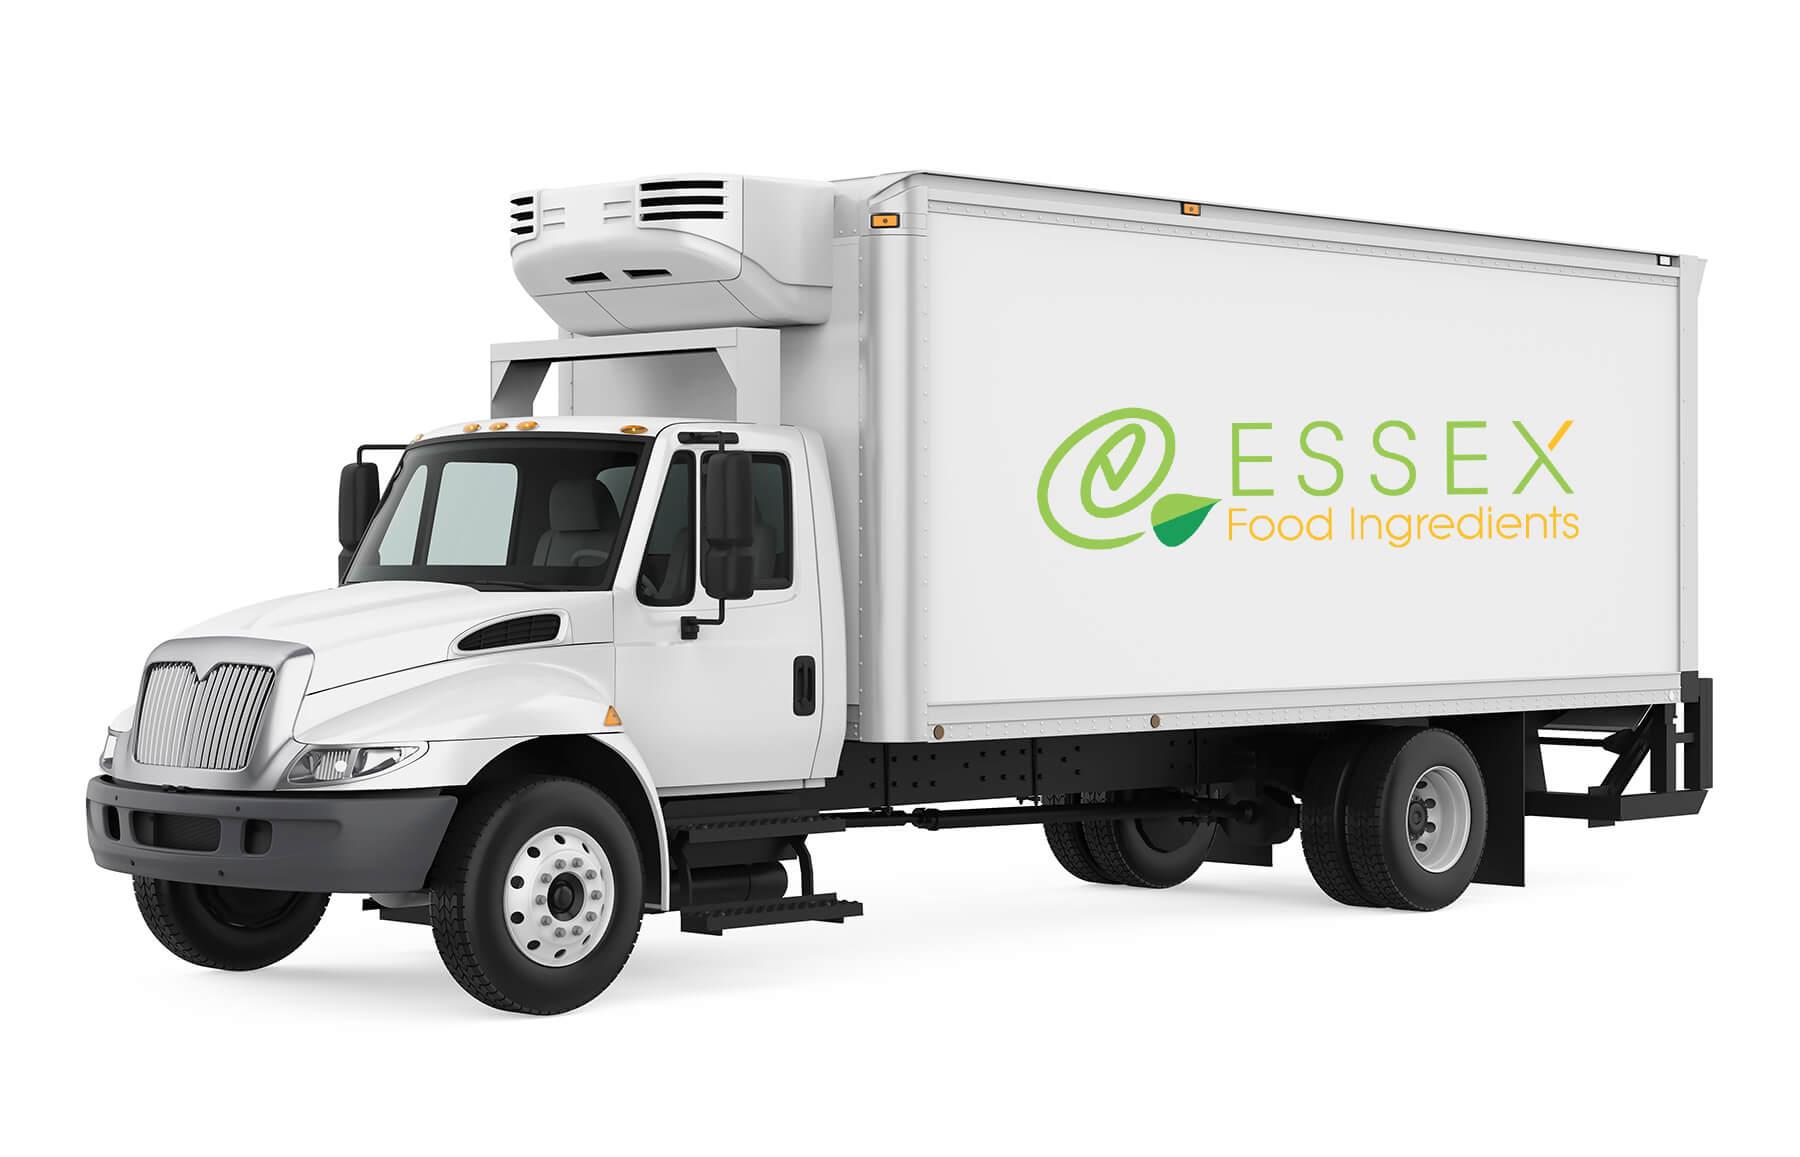 essex refrigerated truck